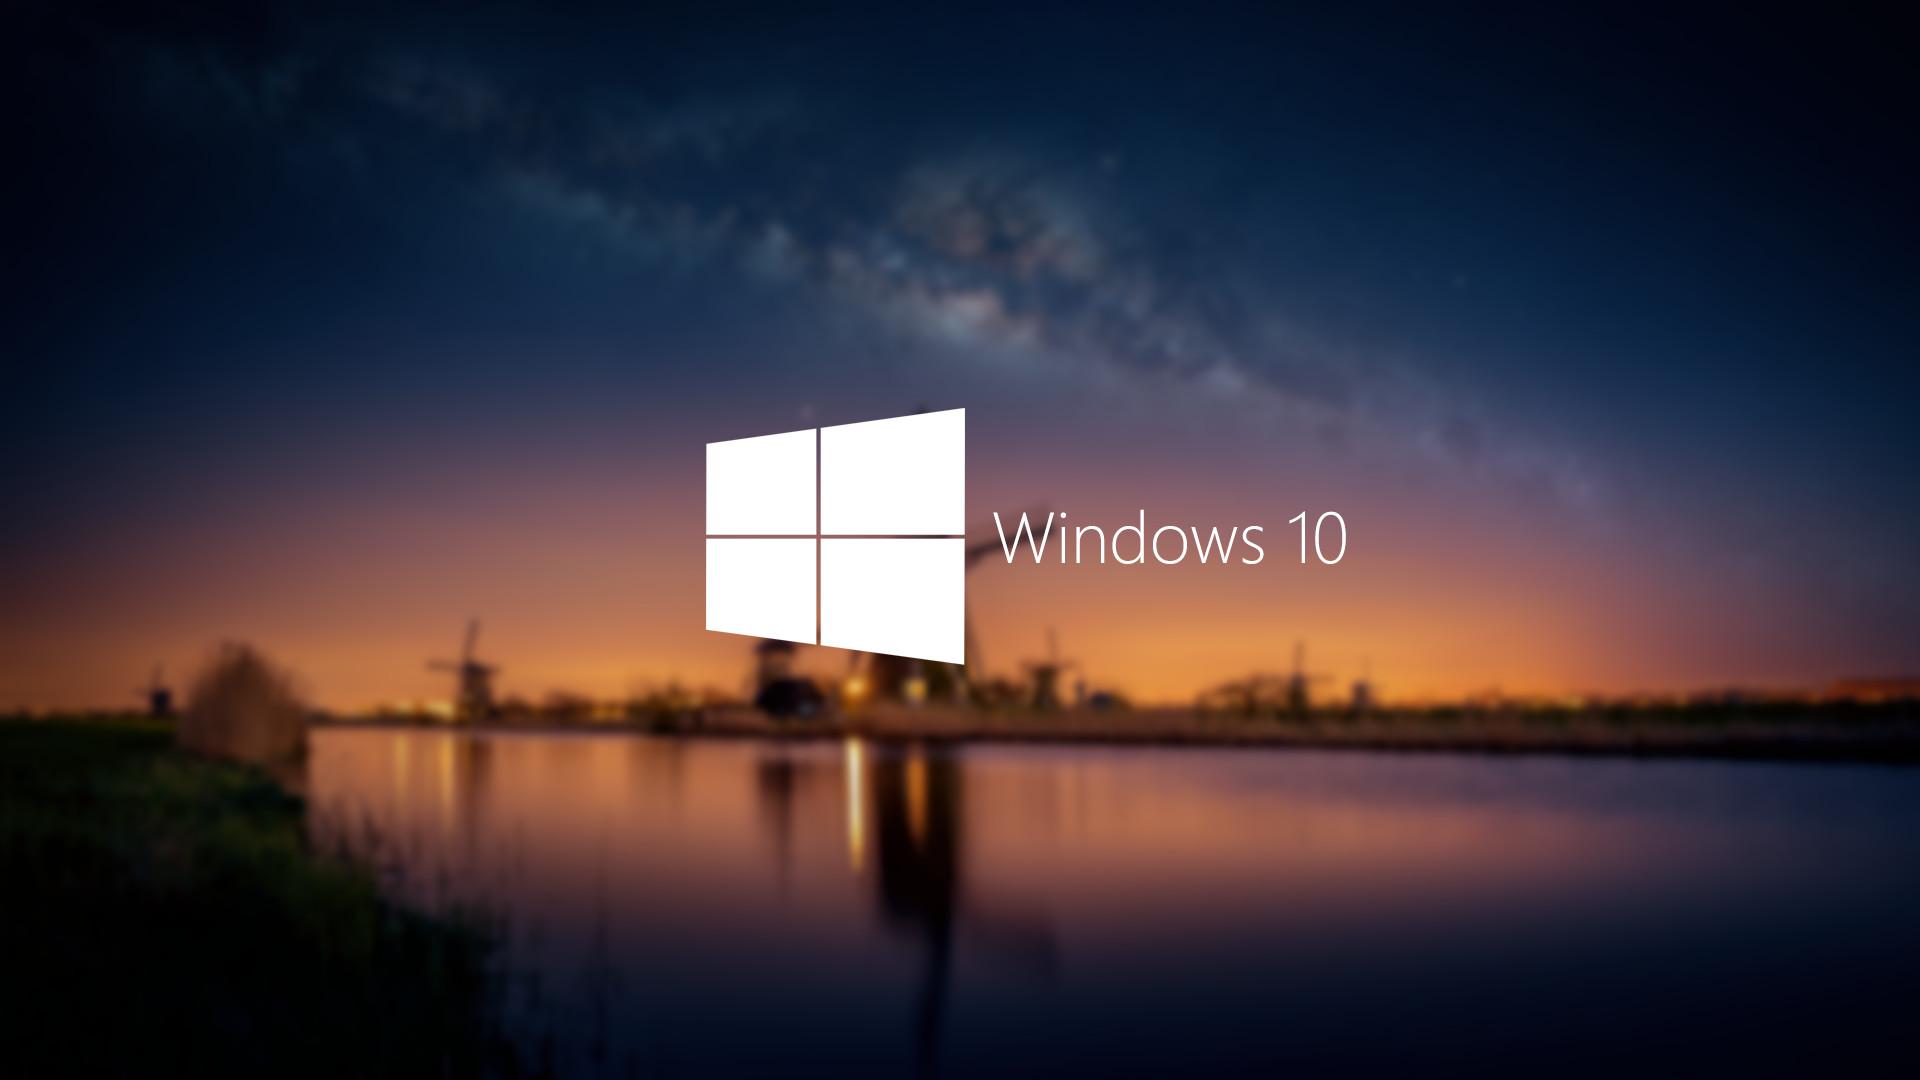 70 Windows 10 Hd